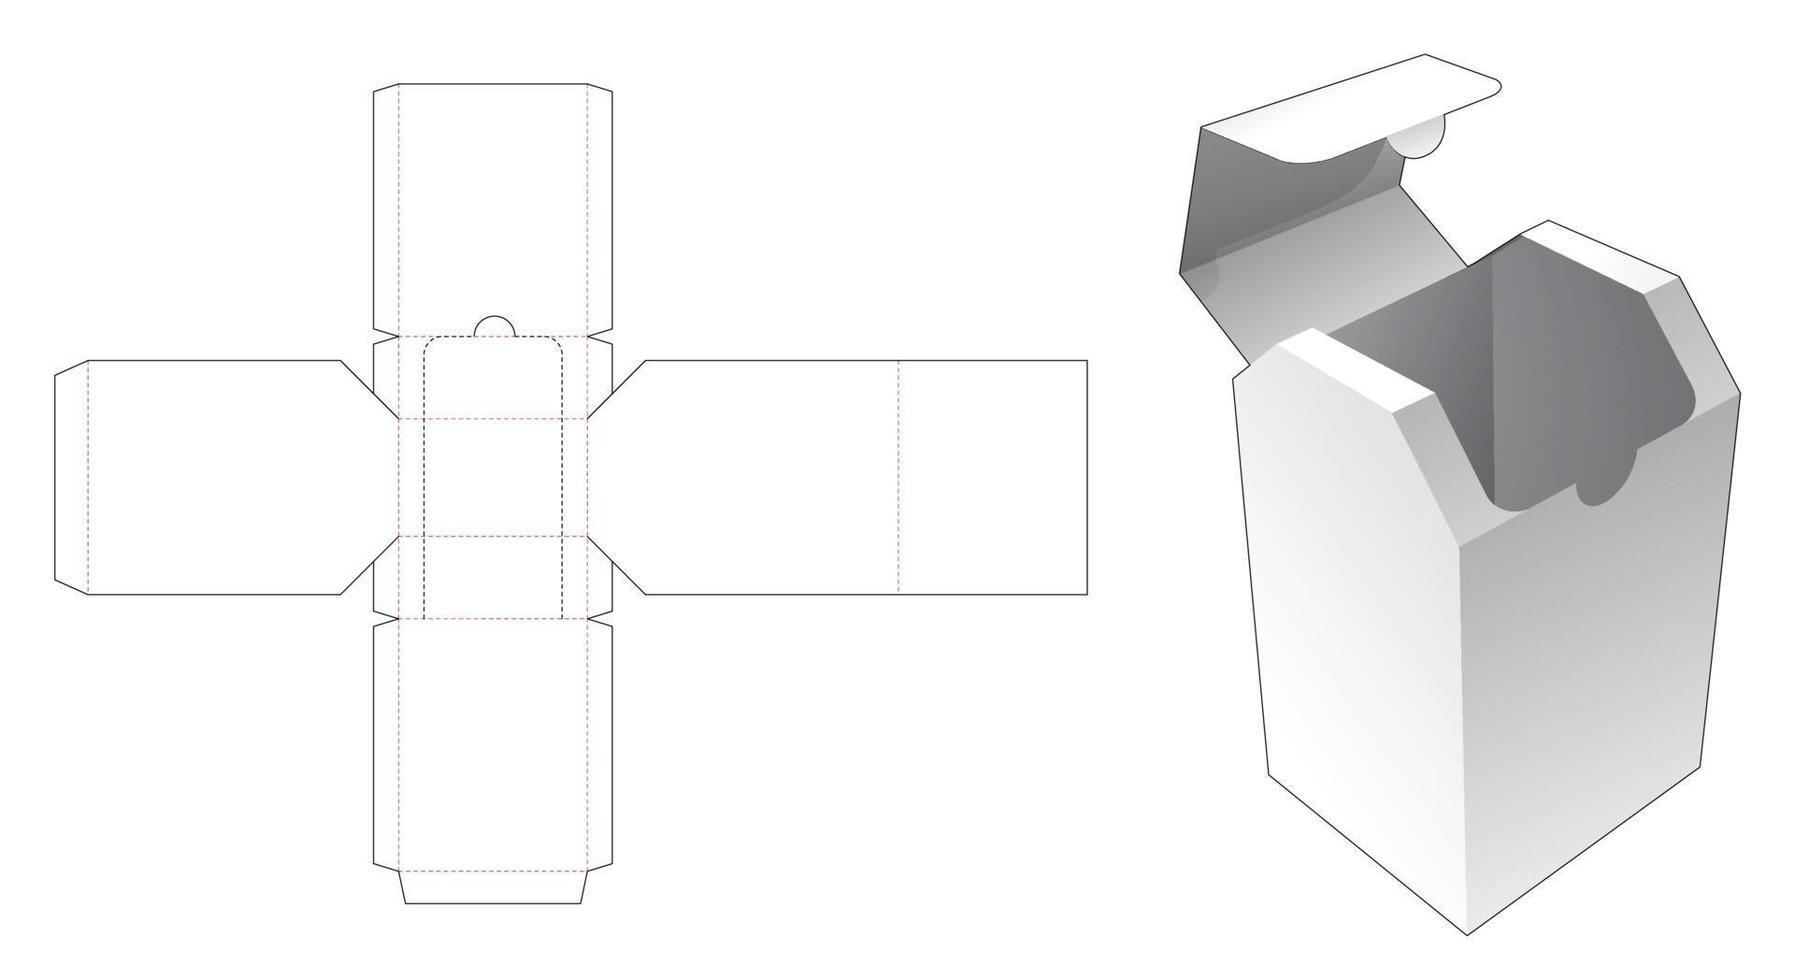 abgeschrägte Box mit gestanzter Schablone mit Reißverschlussöffnung vektor